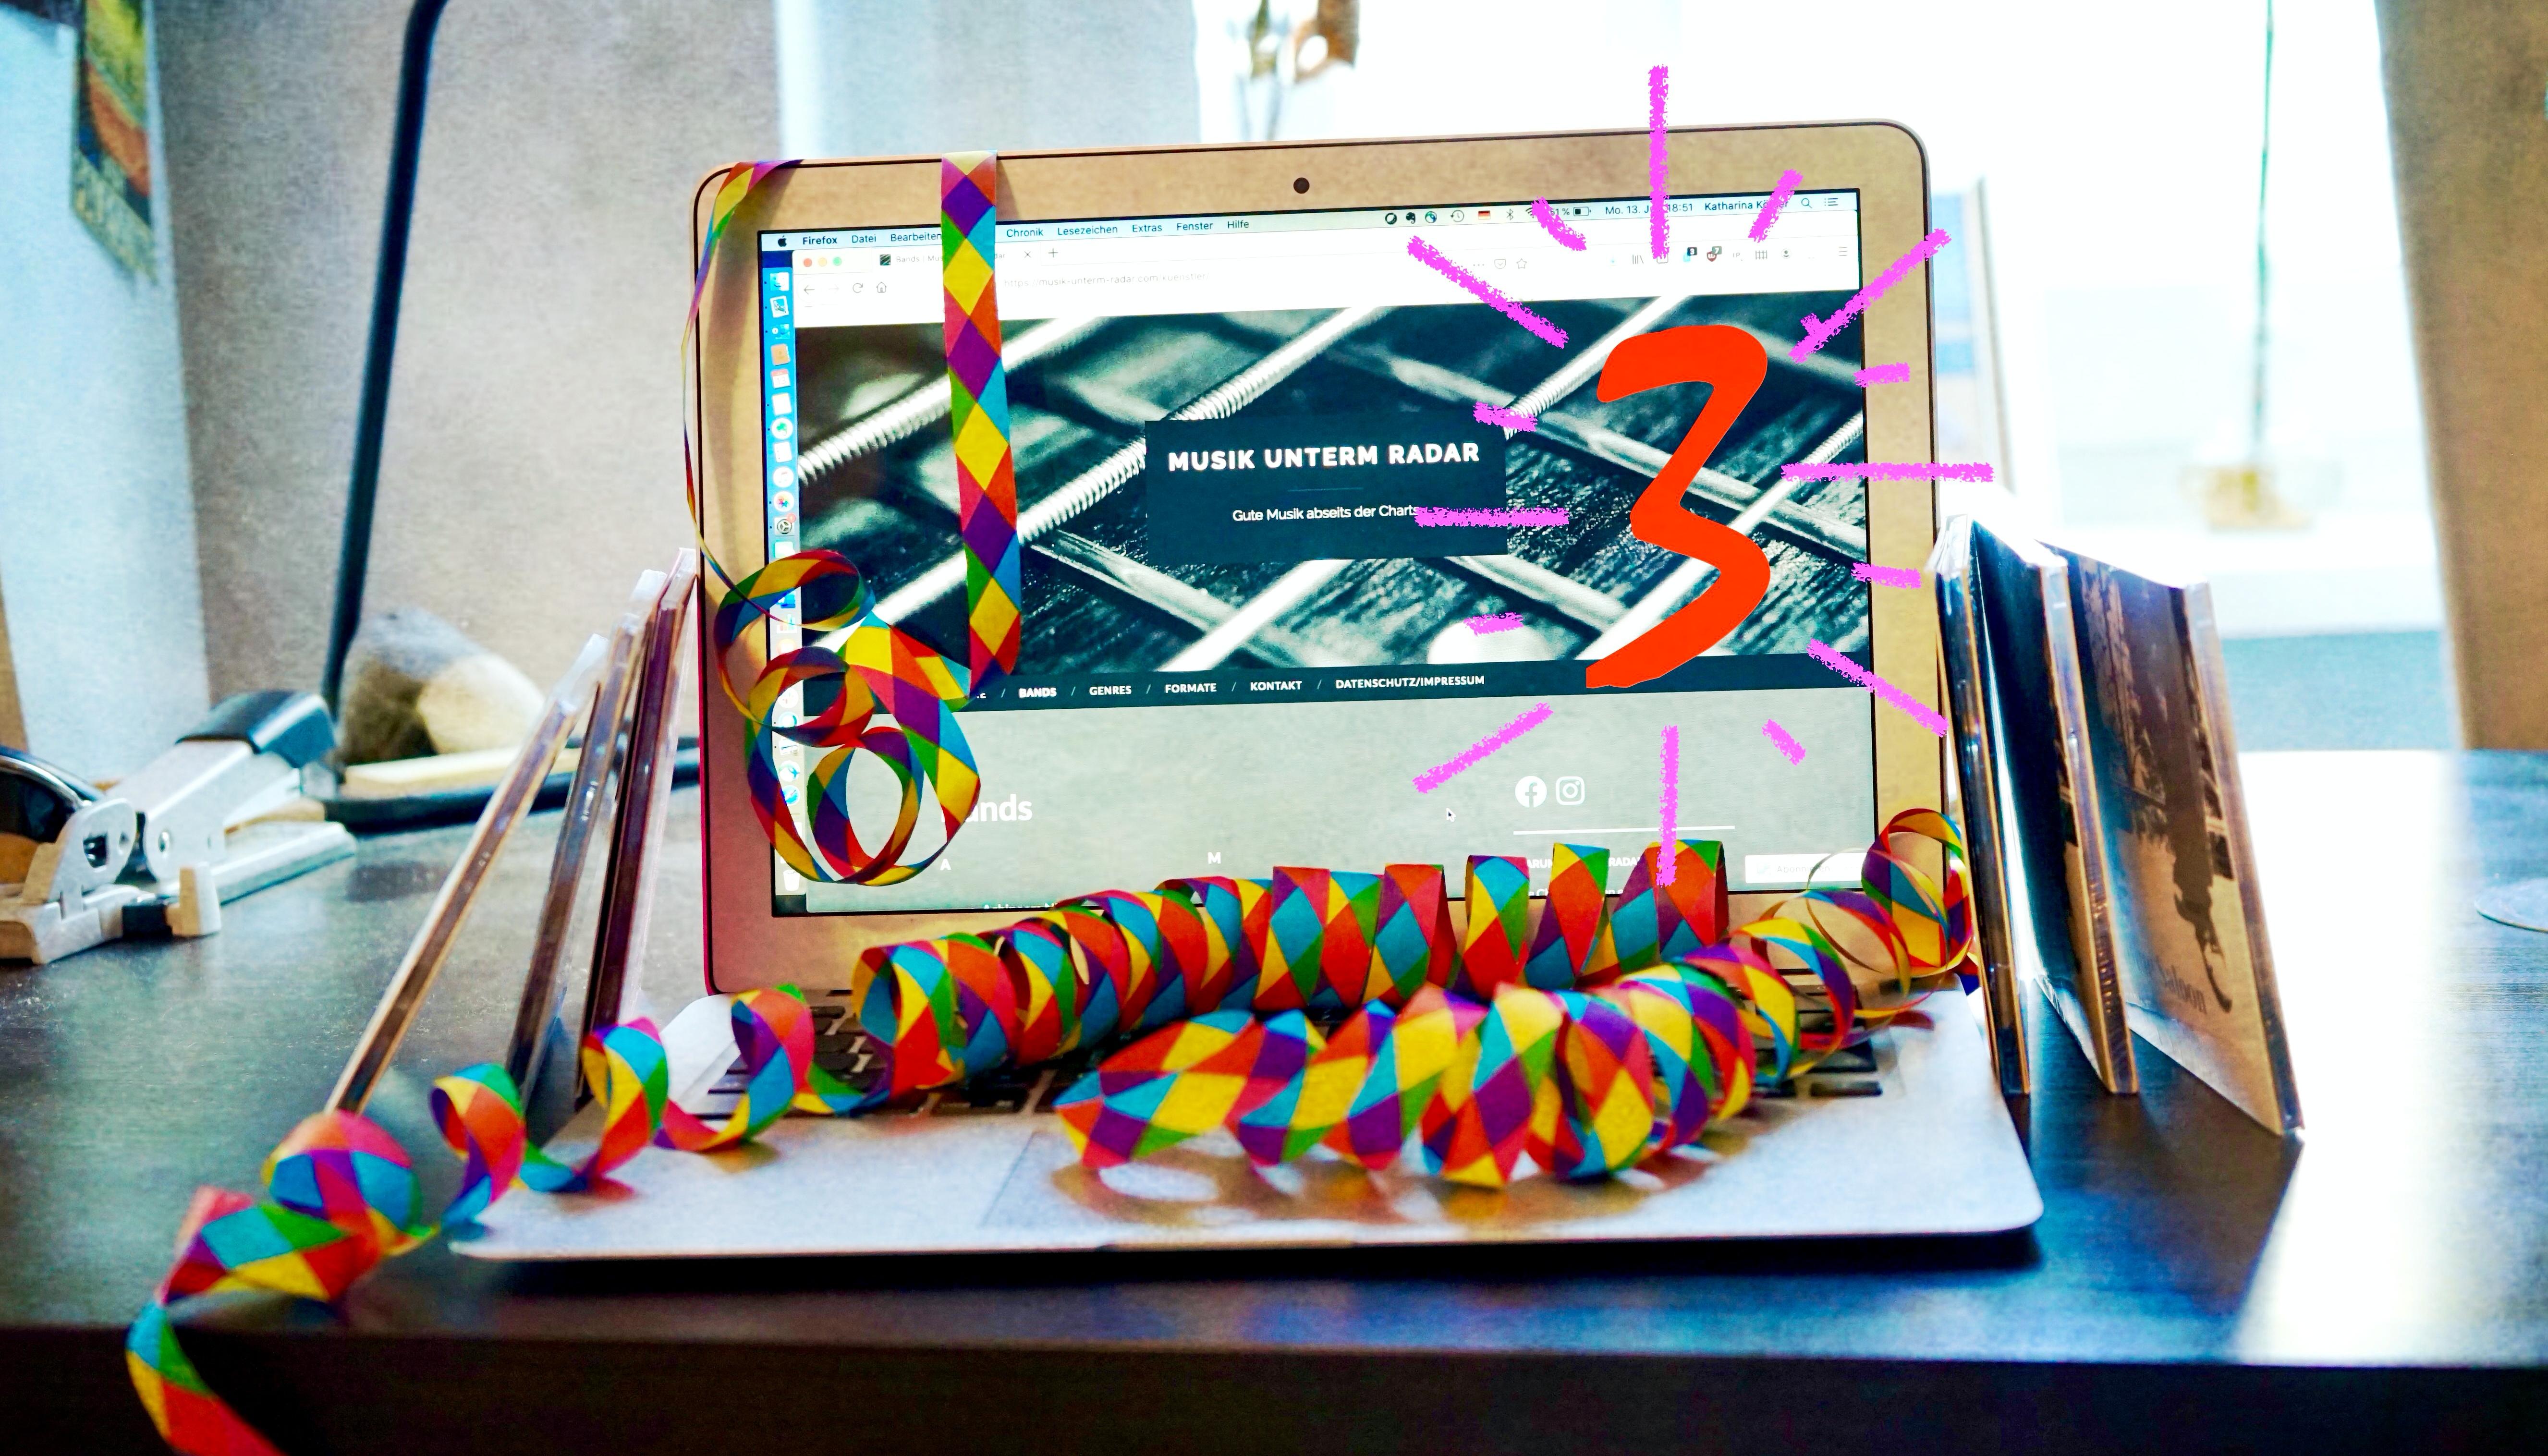 Laptop mit Luftschlangen und sechs CDs. Der Bildschirm zeigt die Website Musik unterm Radar und die Zahl drei zum dreijährigen Jubiläum.